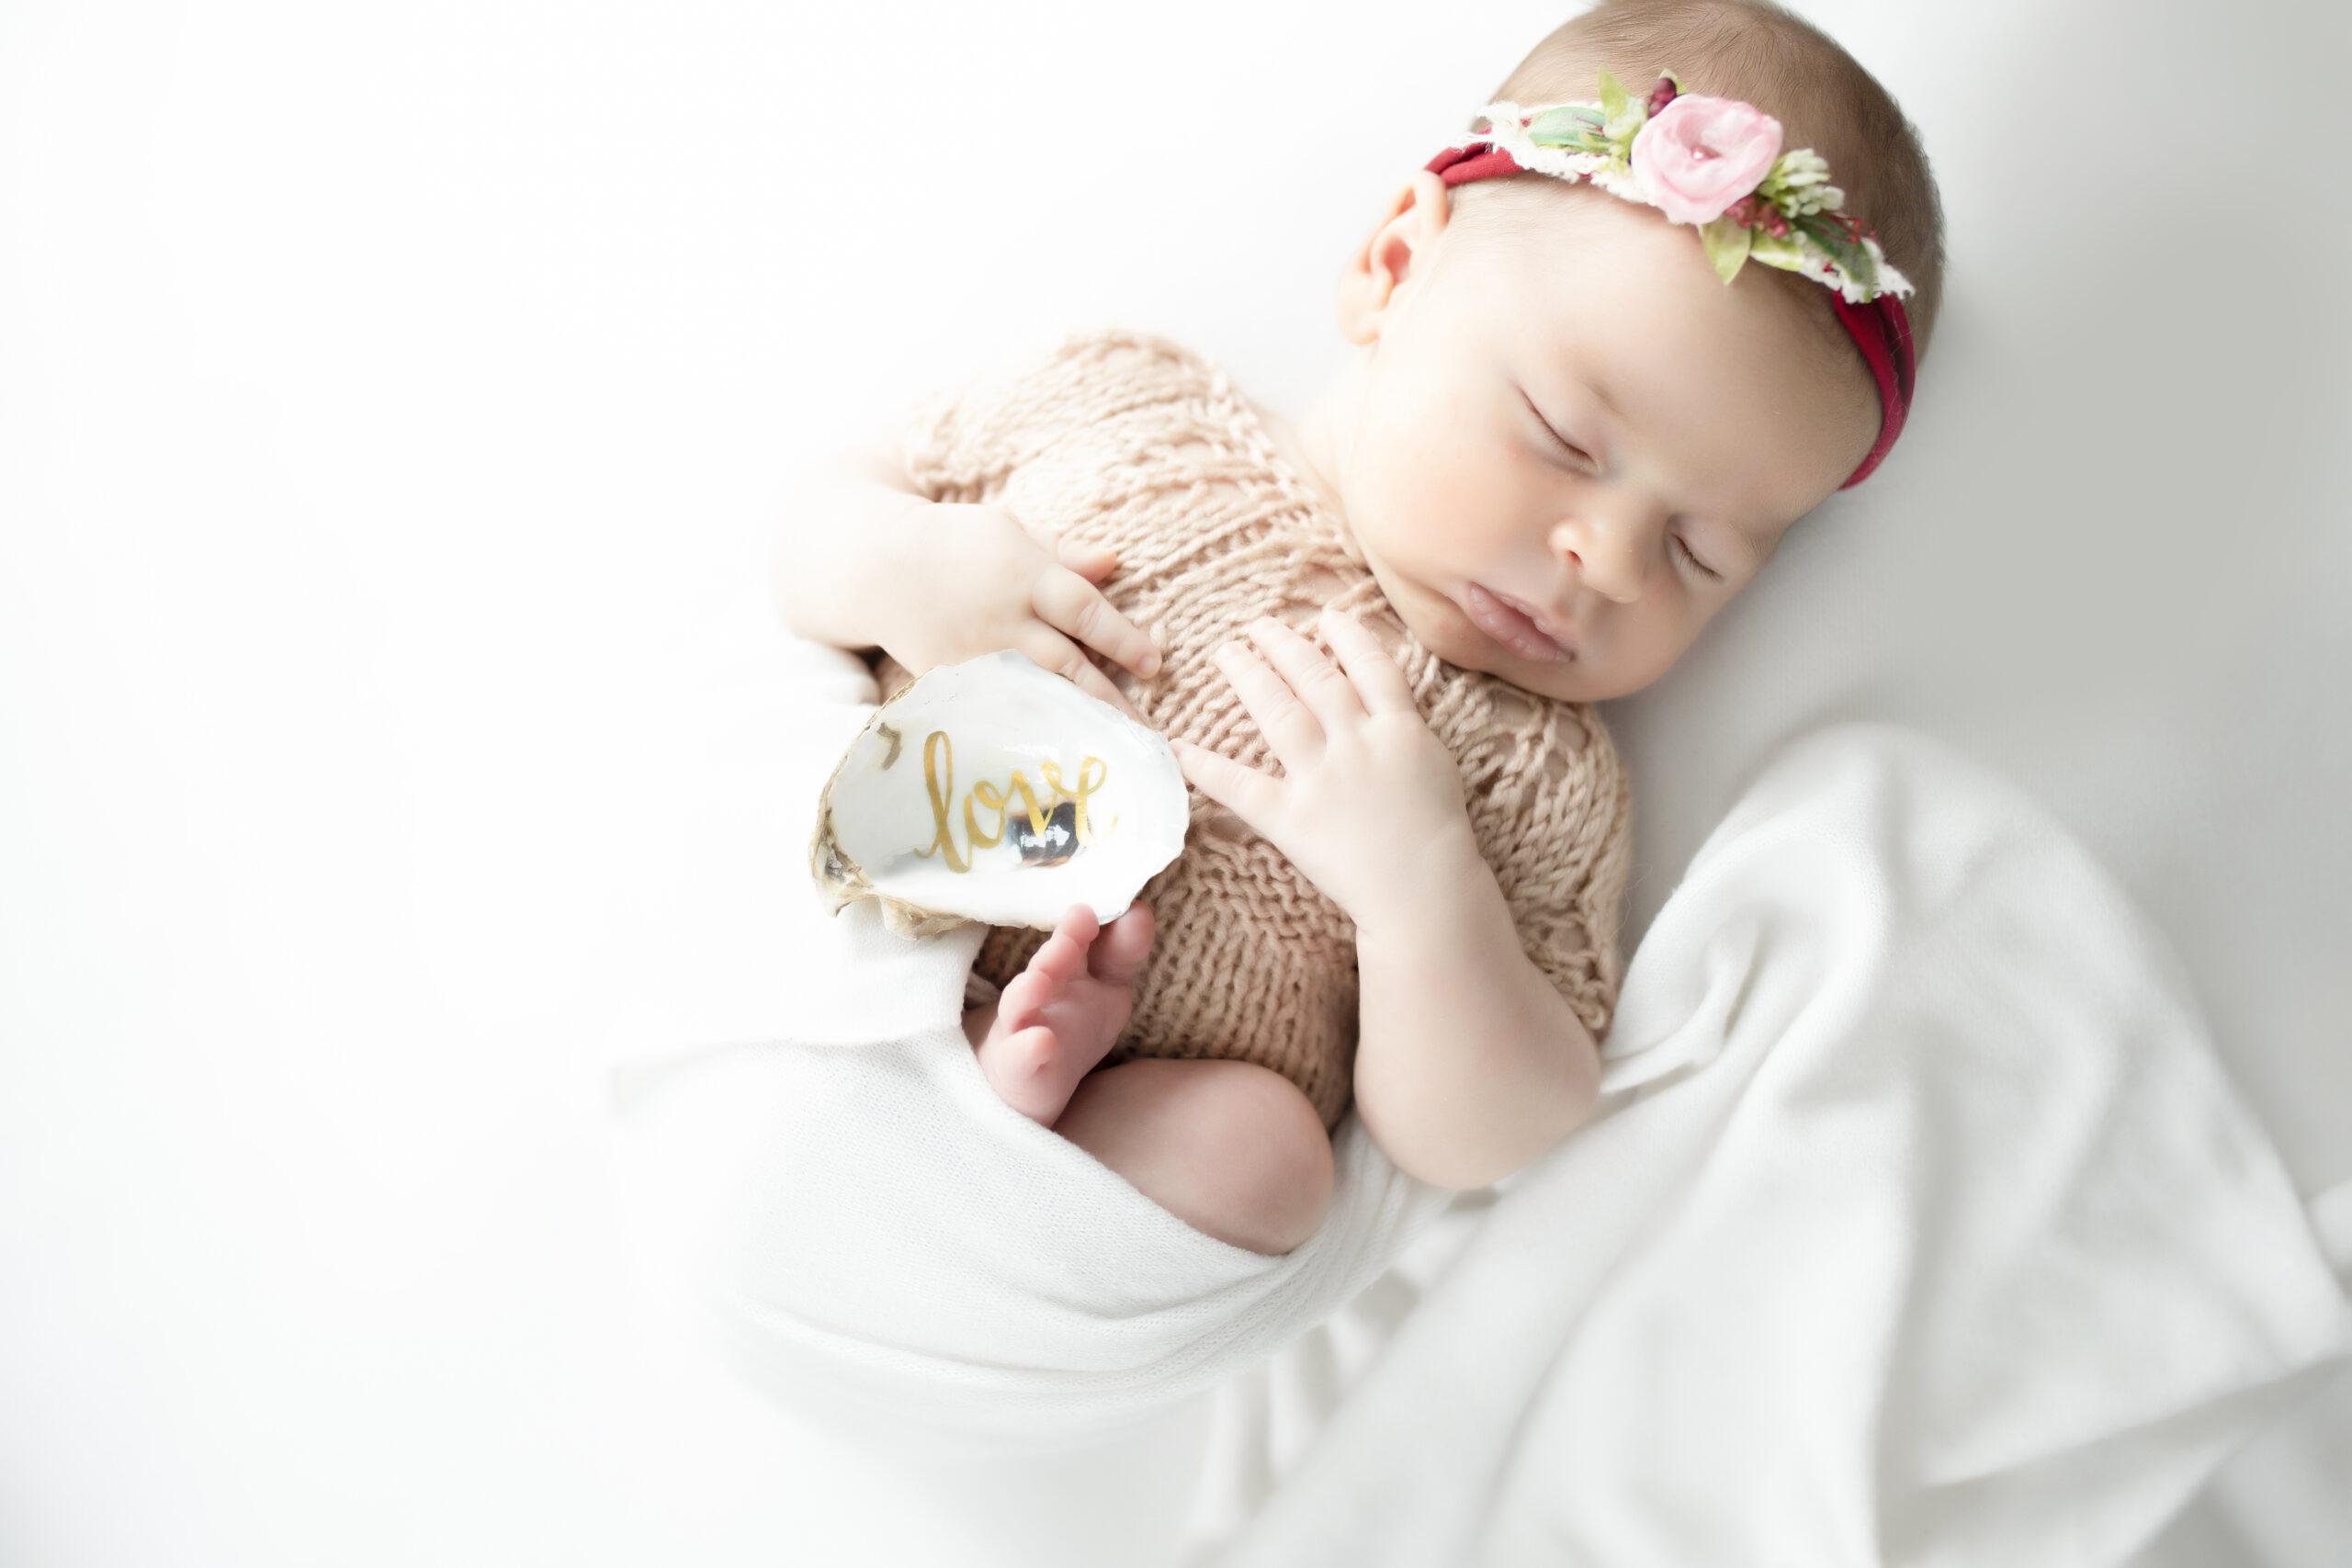 The Complete Newborn Session (In Home Newborn Session)